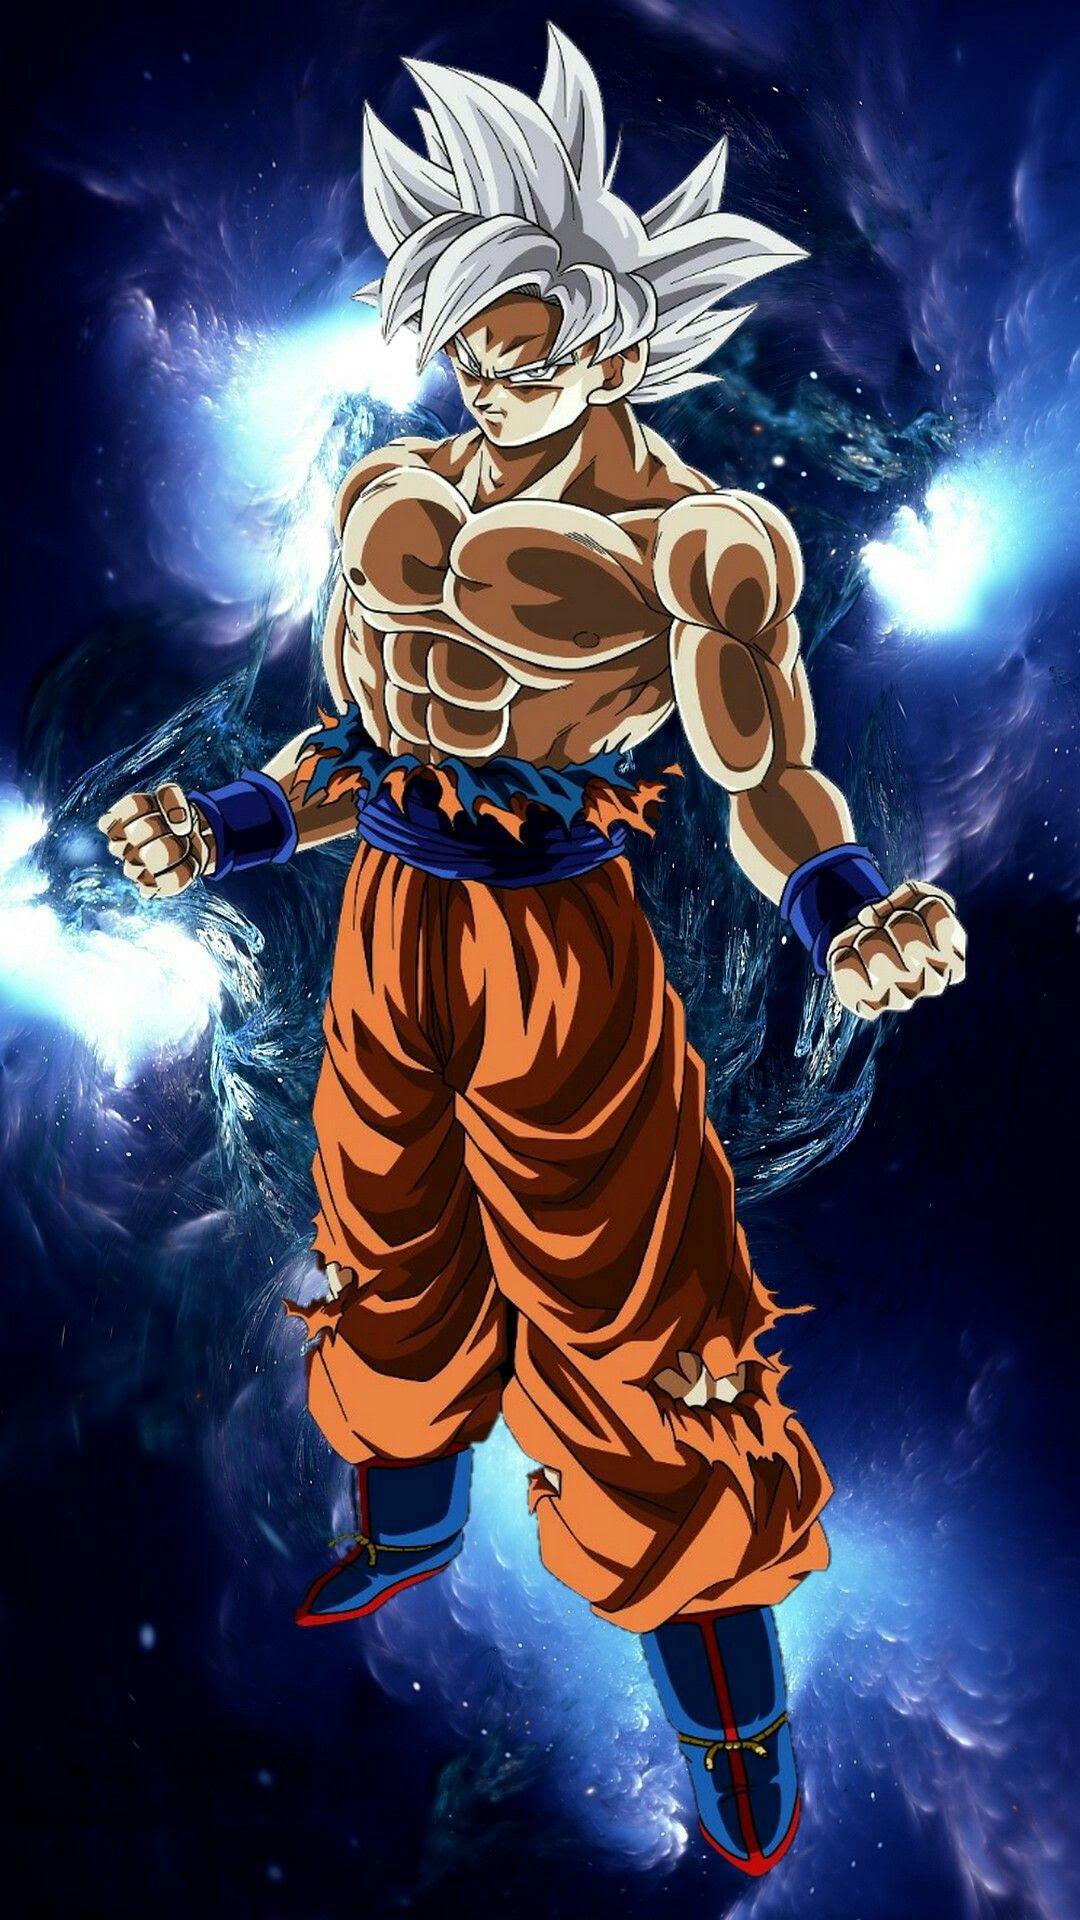 Goku Complete Ultra Instinct Download 4k Wallpapers For Smartphones